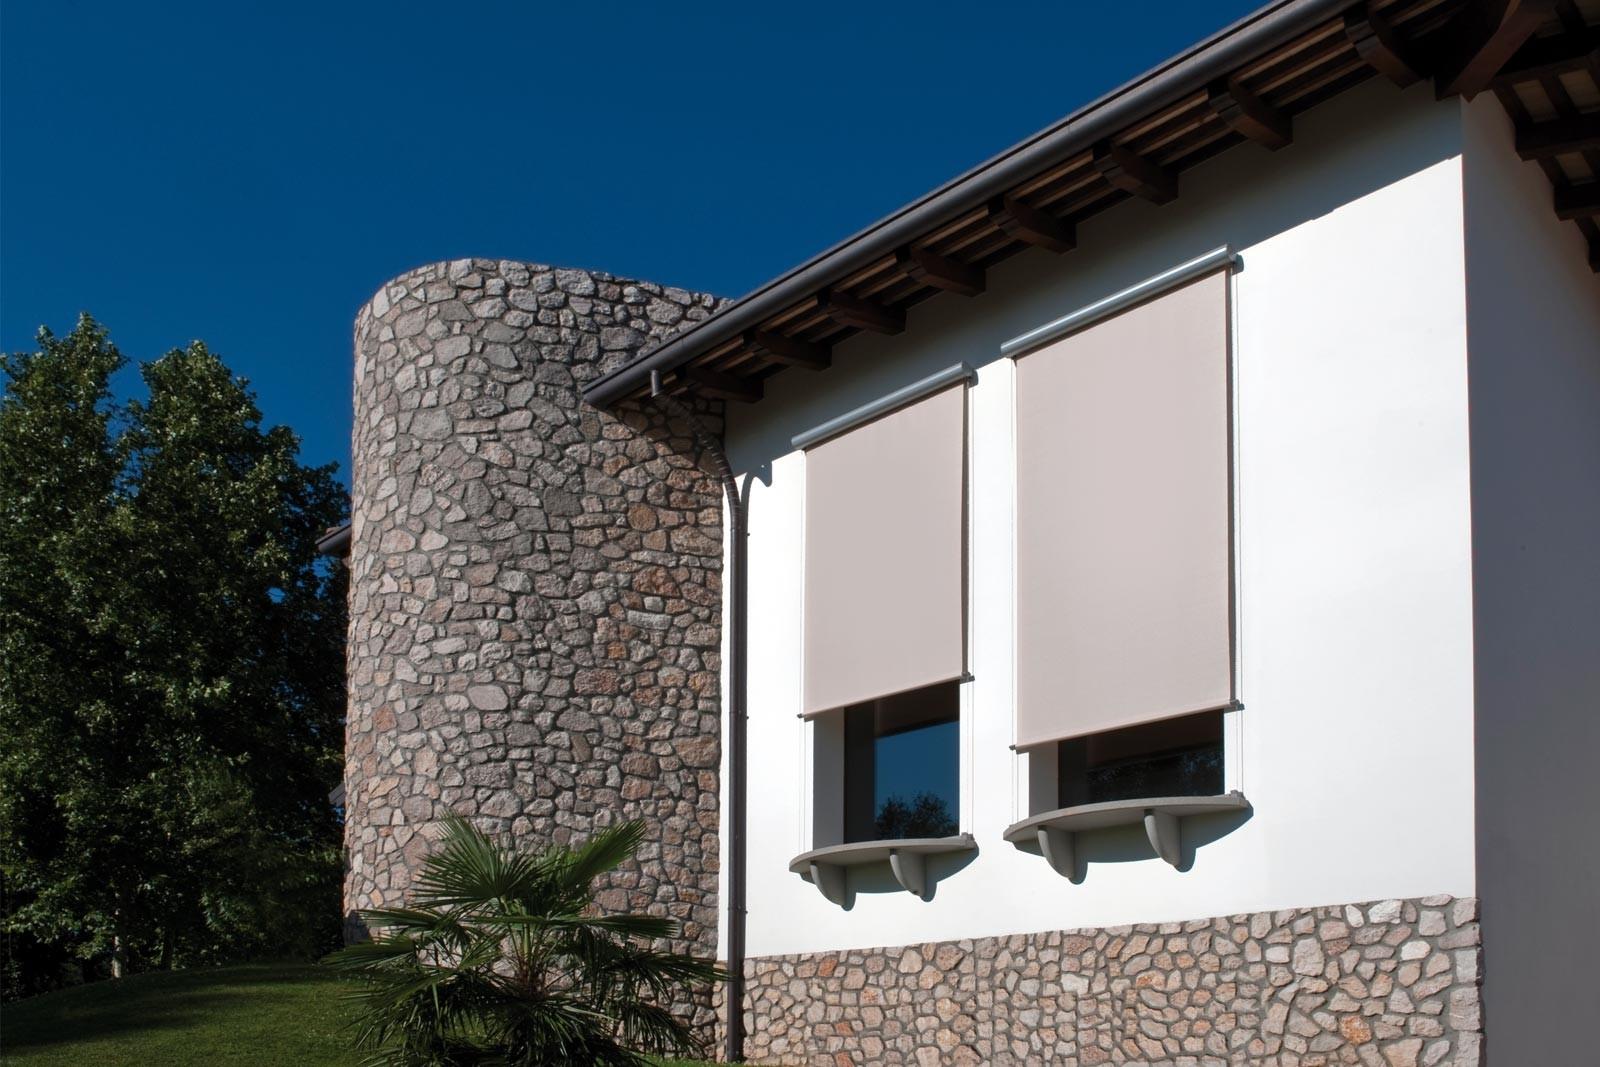 Scopri una collezione per la tua casa piena di colore e. Tende Interni Atelier Tessuti Arredamento Tende Tendaggi Interni